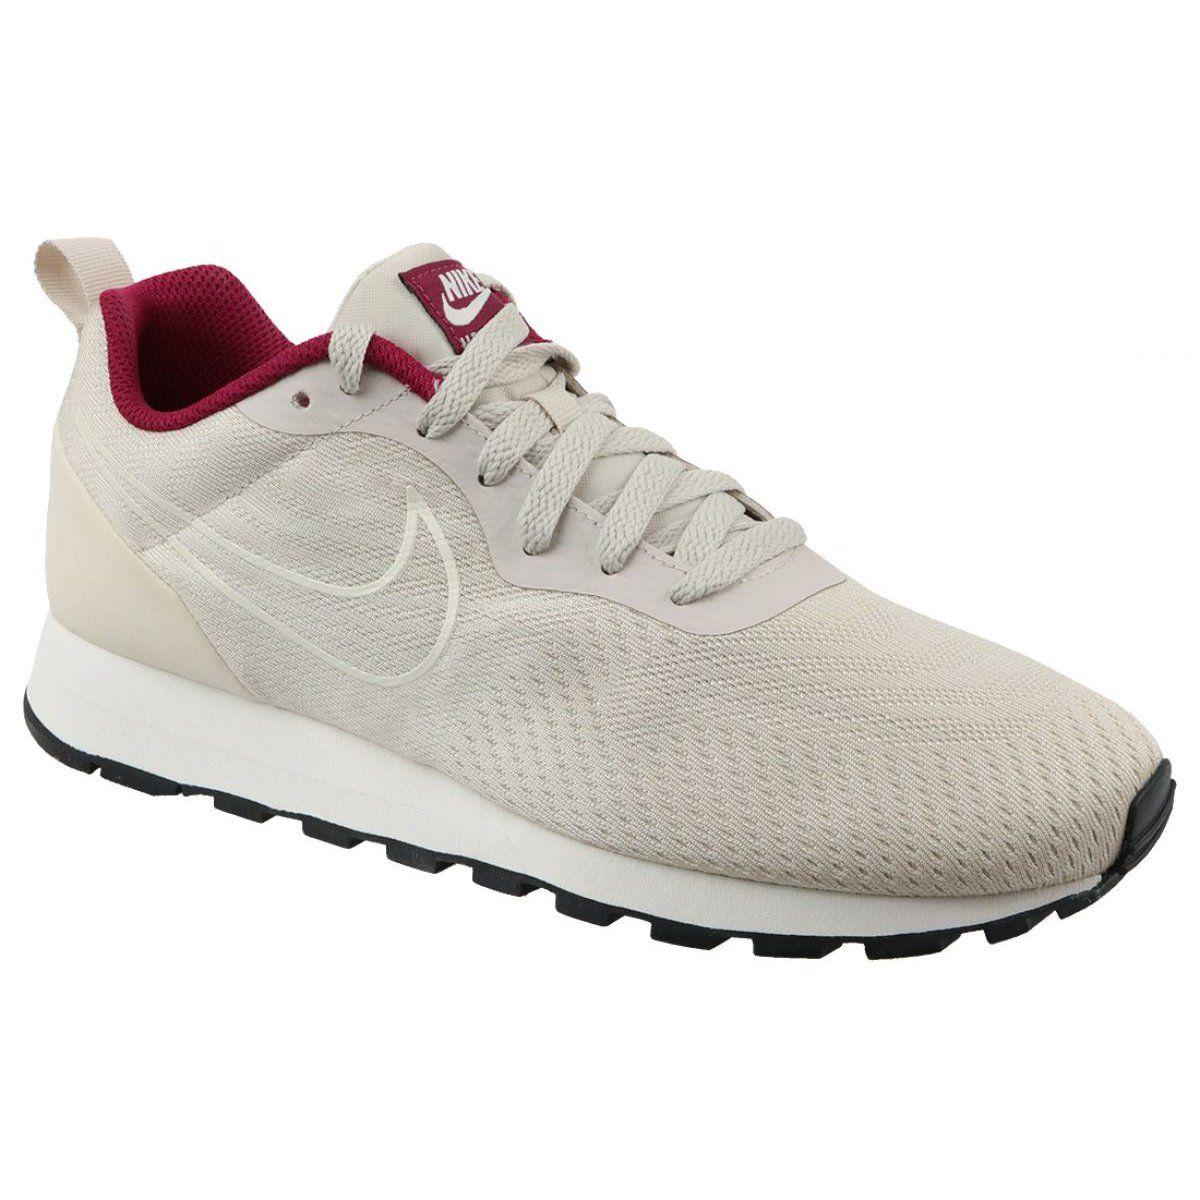 Nike Md Runner 2 Eng Mesh W 916797 100 Shoes White Nike Shoes Women Nike Shoes